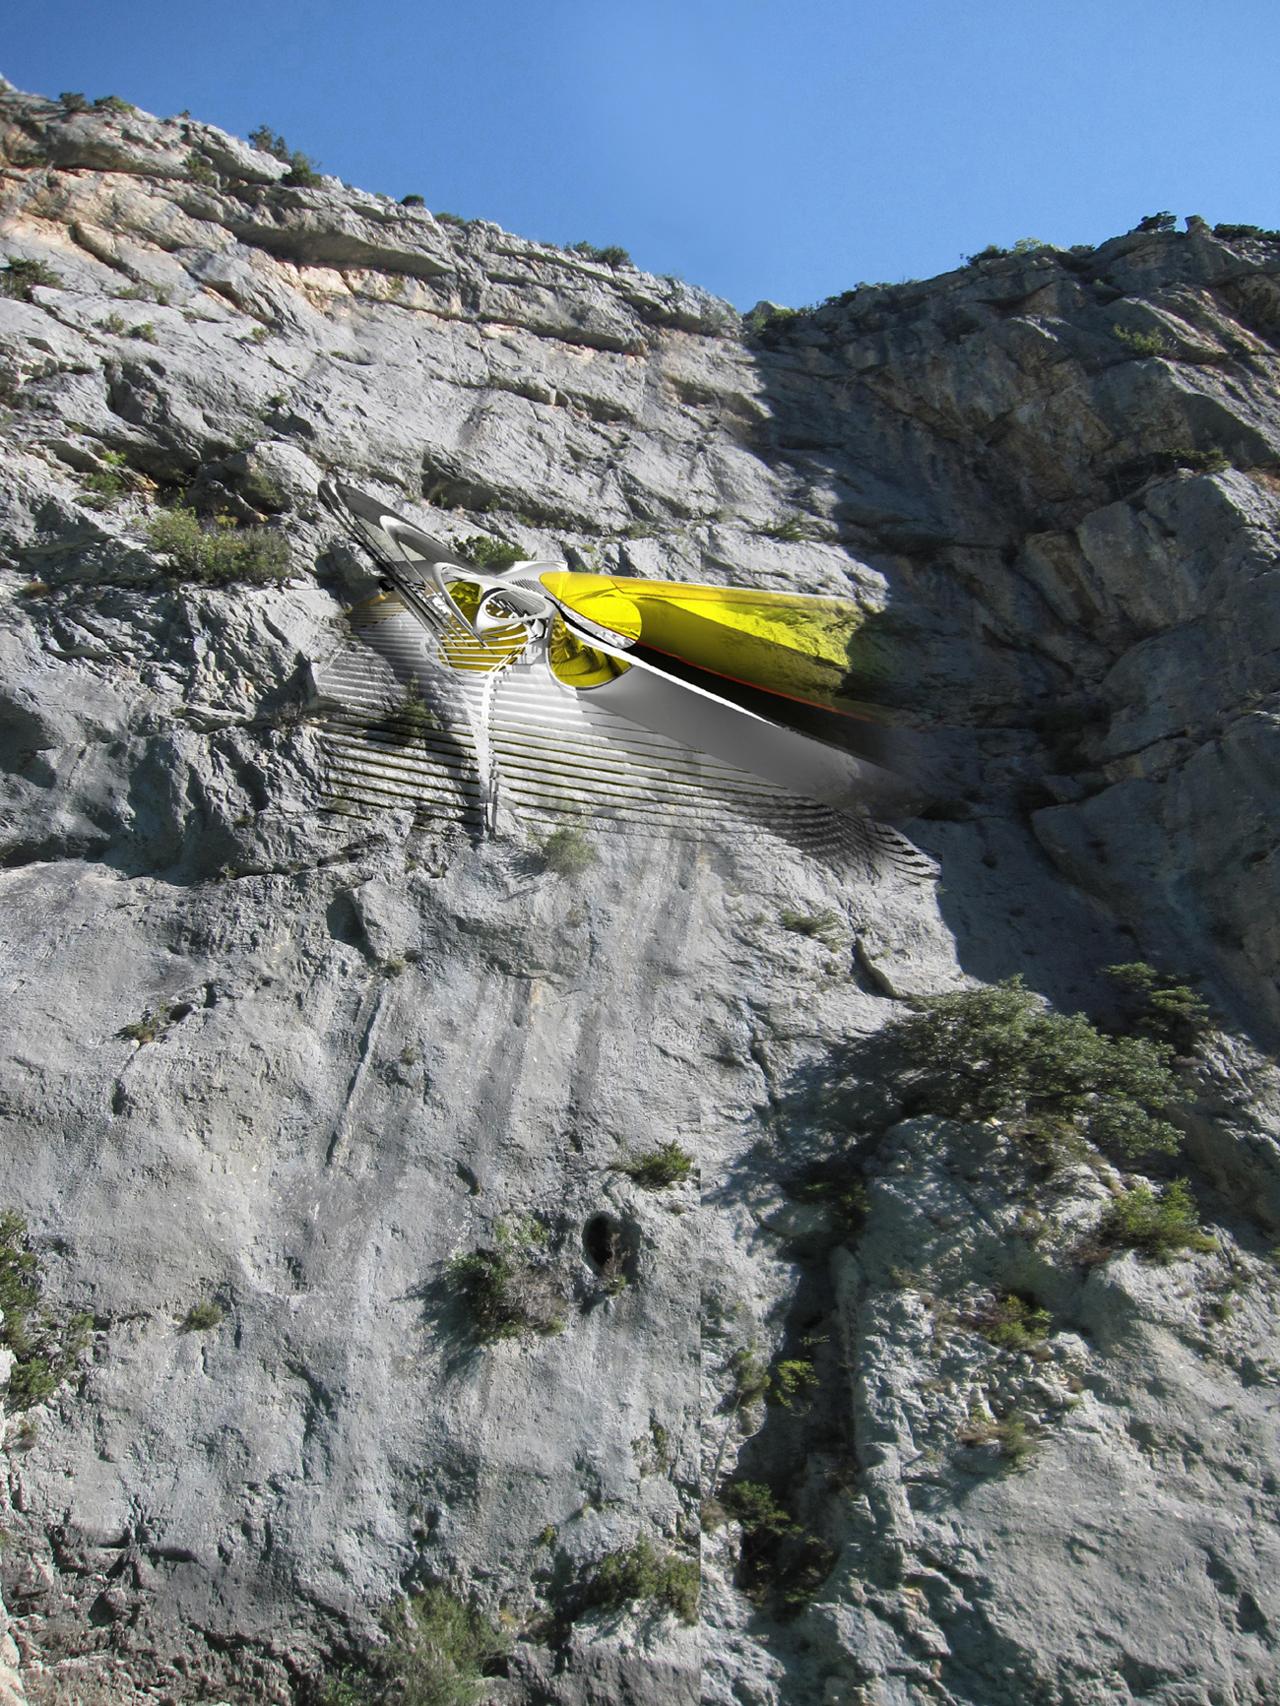 Hotel Pendurado: um acampamento suspenso por escaladores, Cortesia Dr. Margot Krasojevic